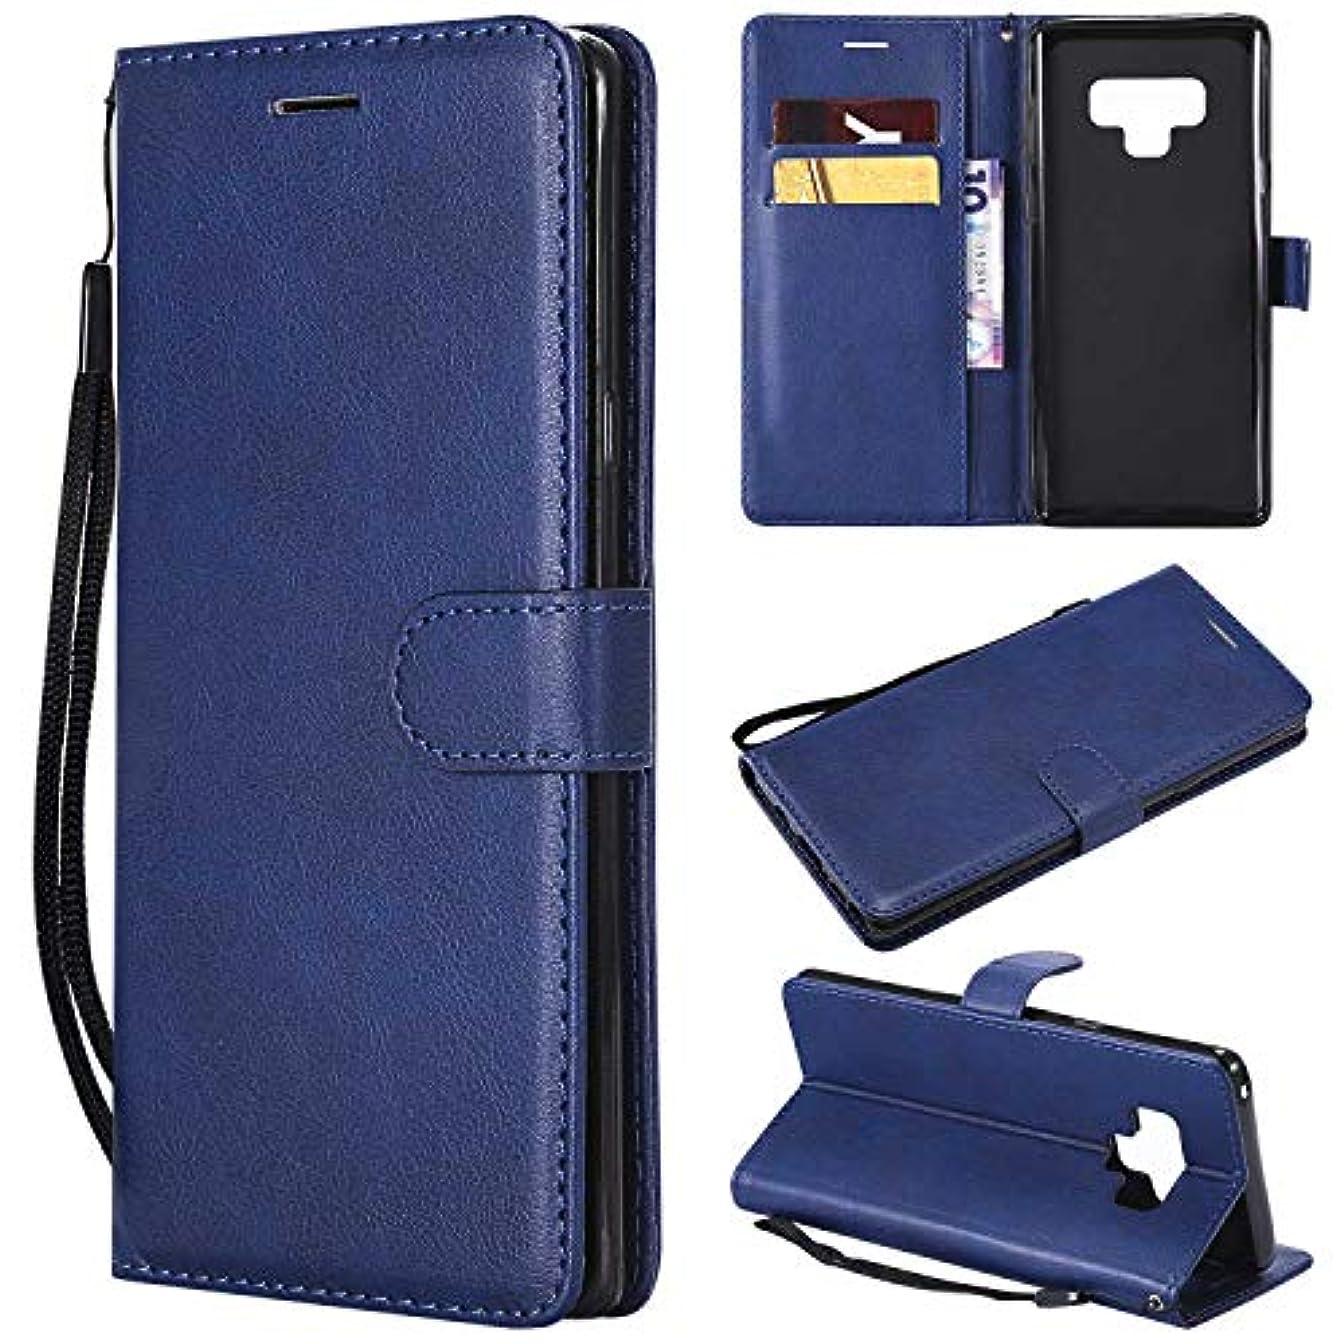 到着発火するエキゾチックGalaxy Note 9 ケース手帳型 OMATENTI レザー 革 薄型 手帳型カバー カード入れ スタンド機能 サムスン Galaxy Note 9 おしゃれ 手帳ケース (6-ブルー)